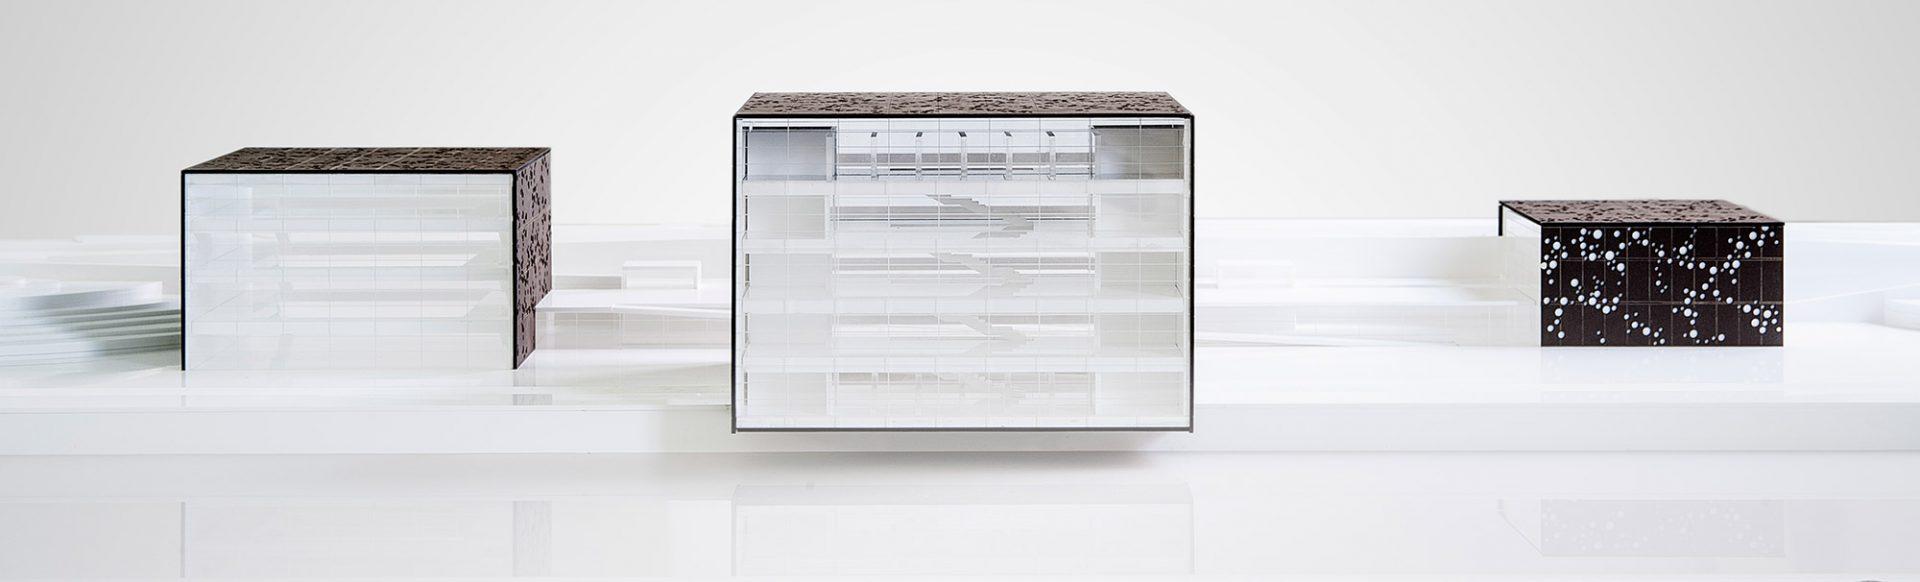 maqueta-arquitectura-architecture-model-pfc-Museo-Oporto-arquimaqueta-(4)